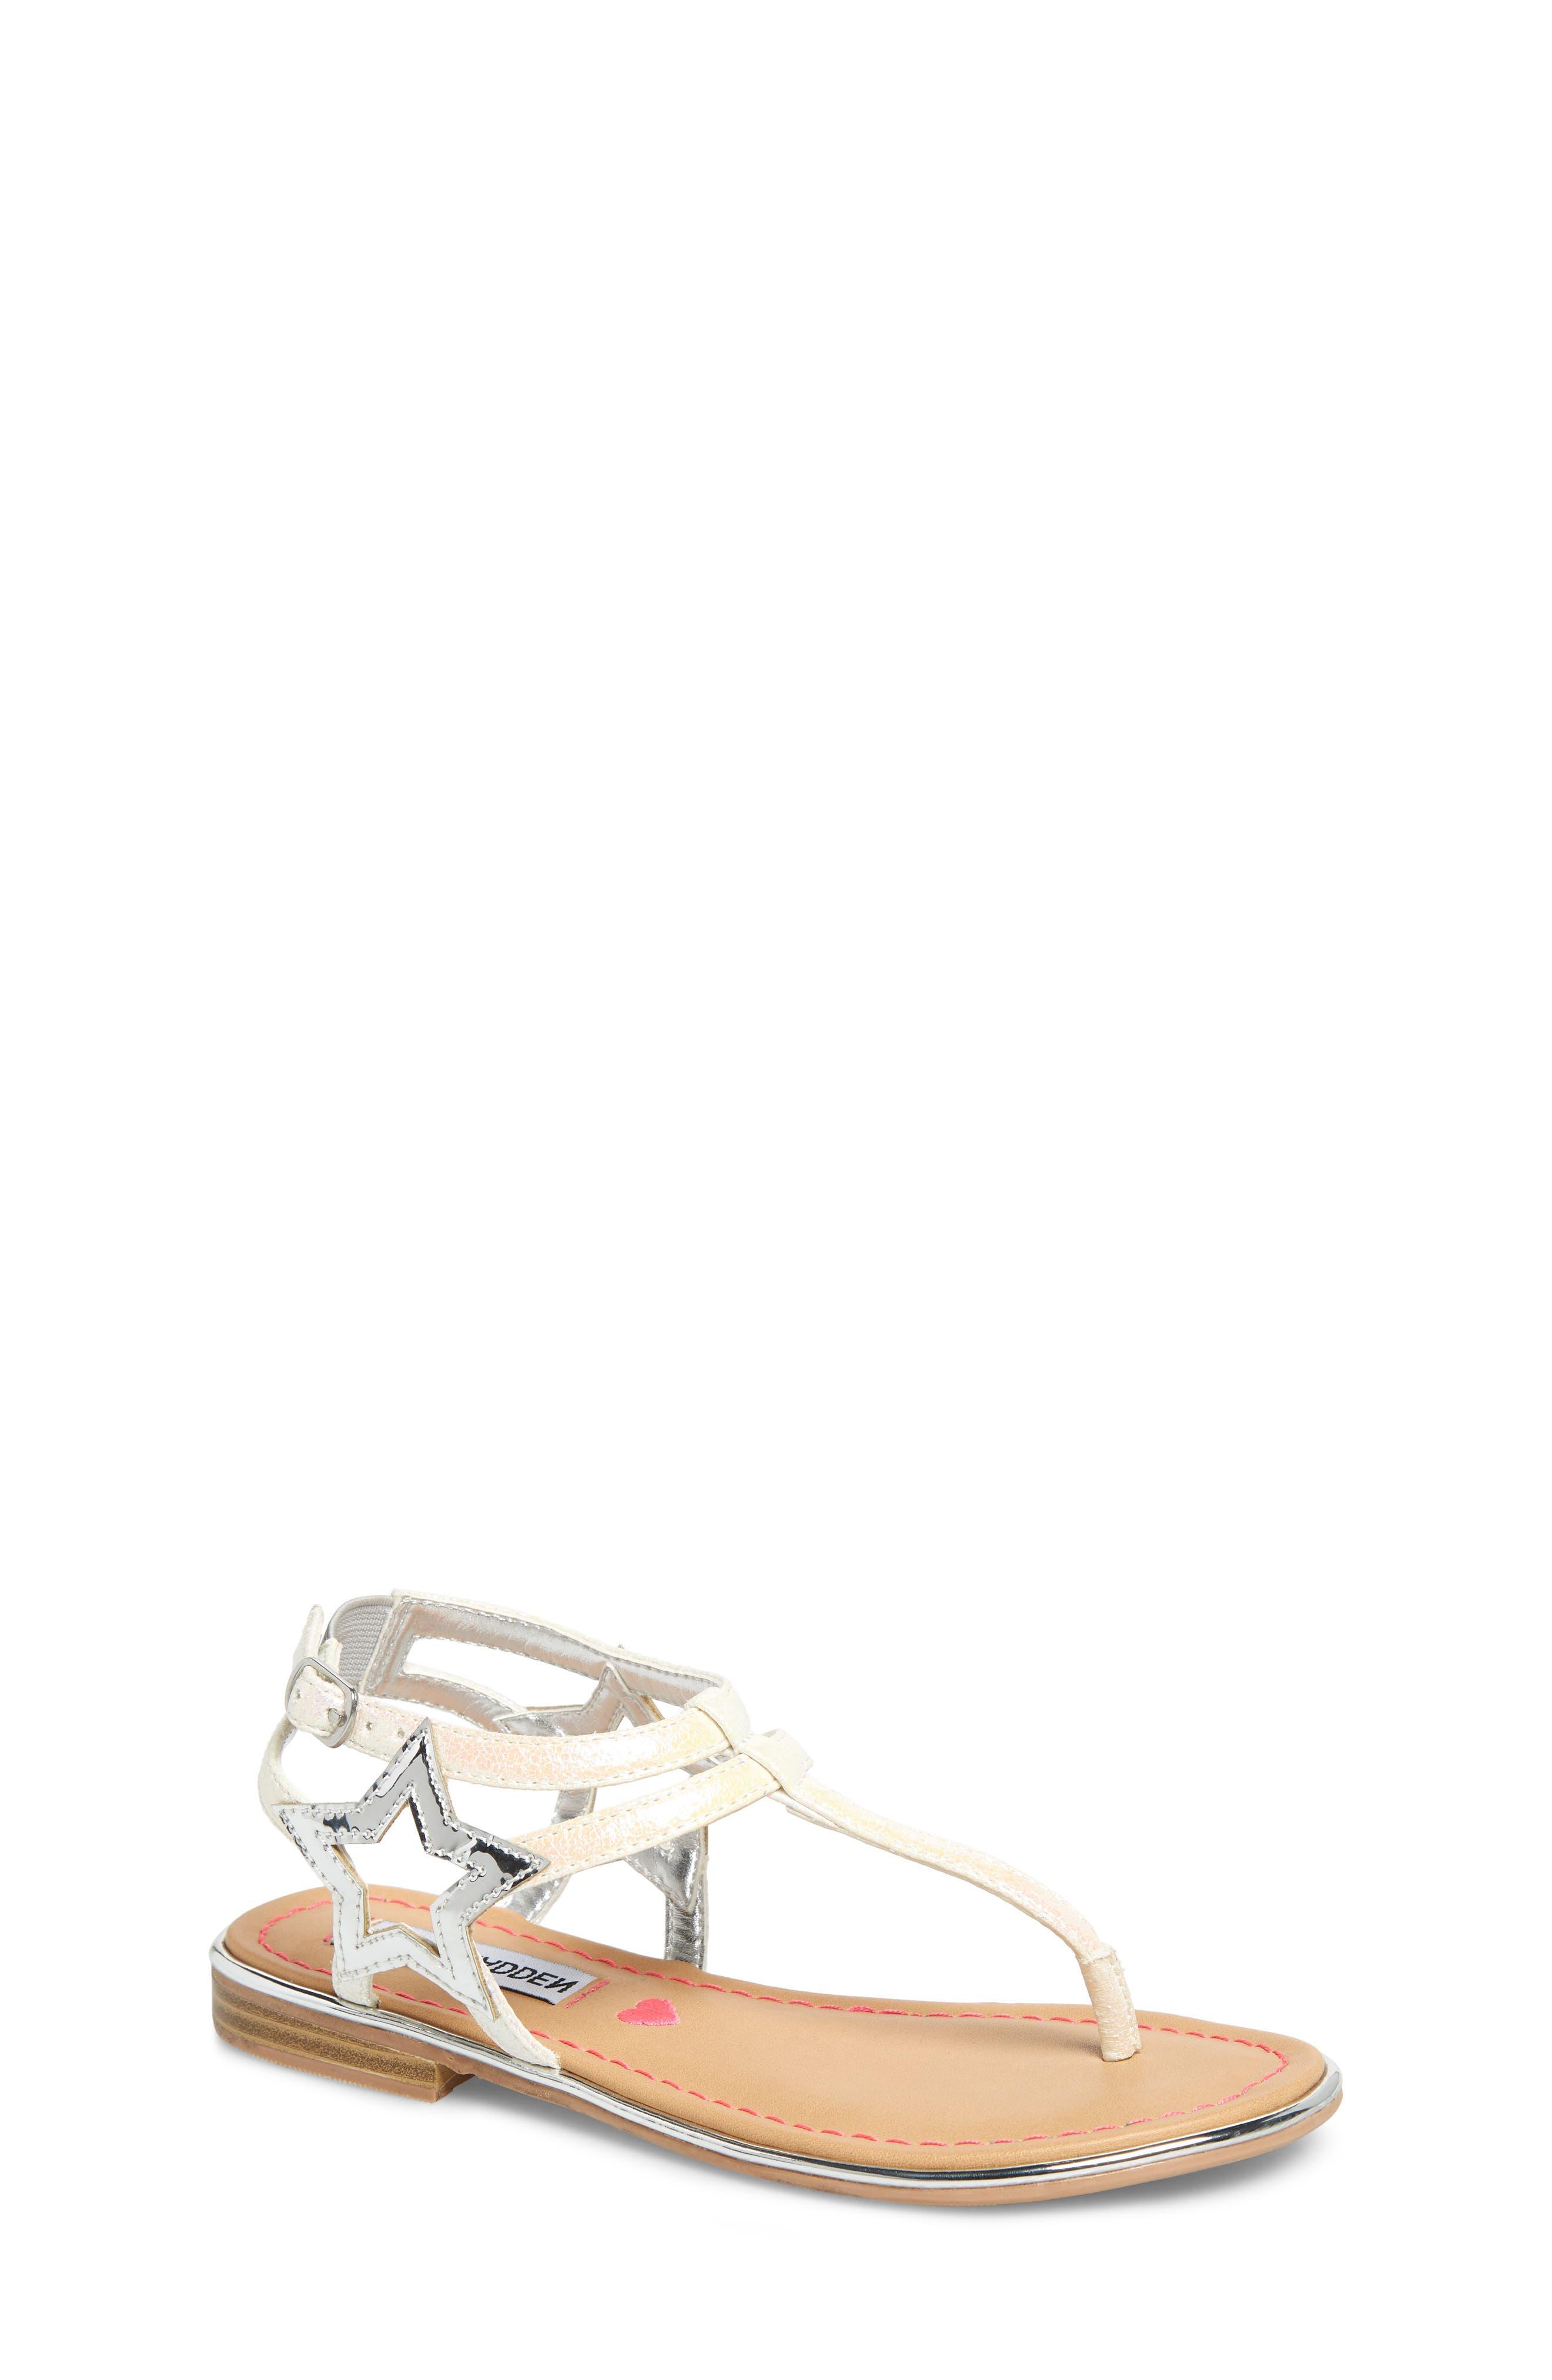 JSTRDUST Metallic Star Sandal, Main, color, IRIDESCENT WHITE